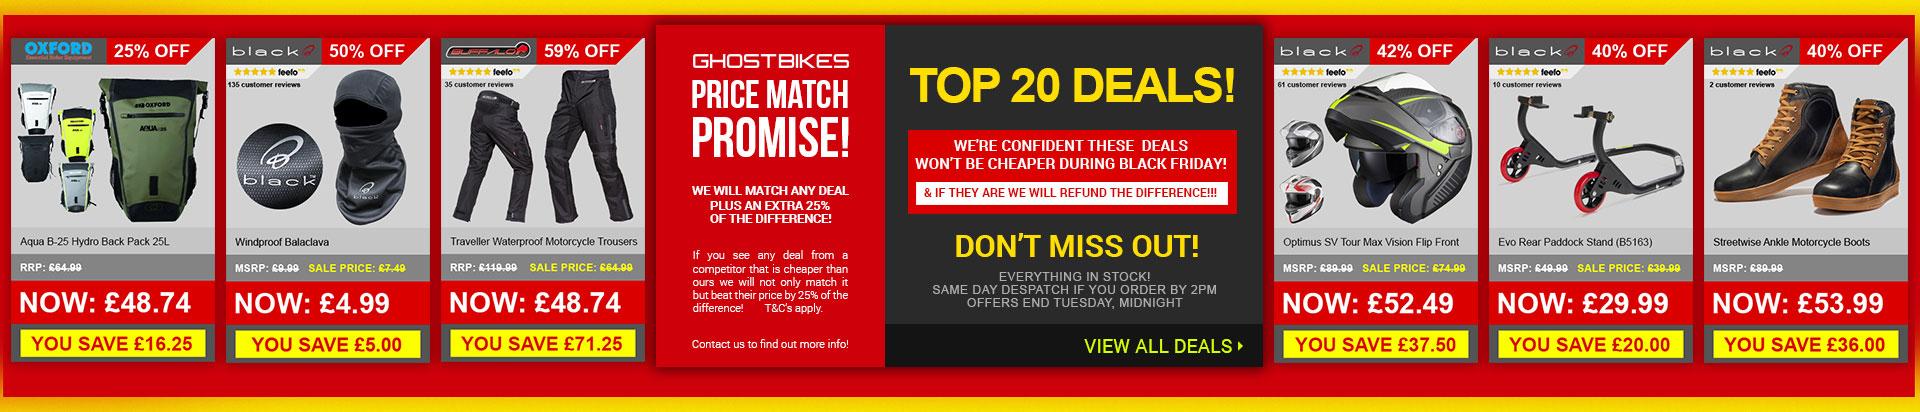 Top 20 Deals